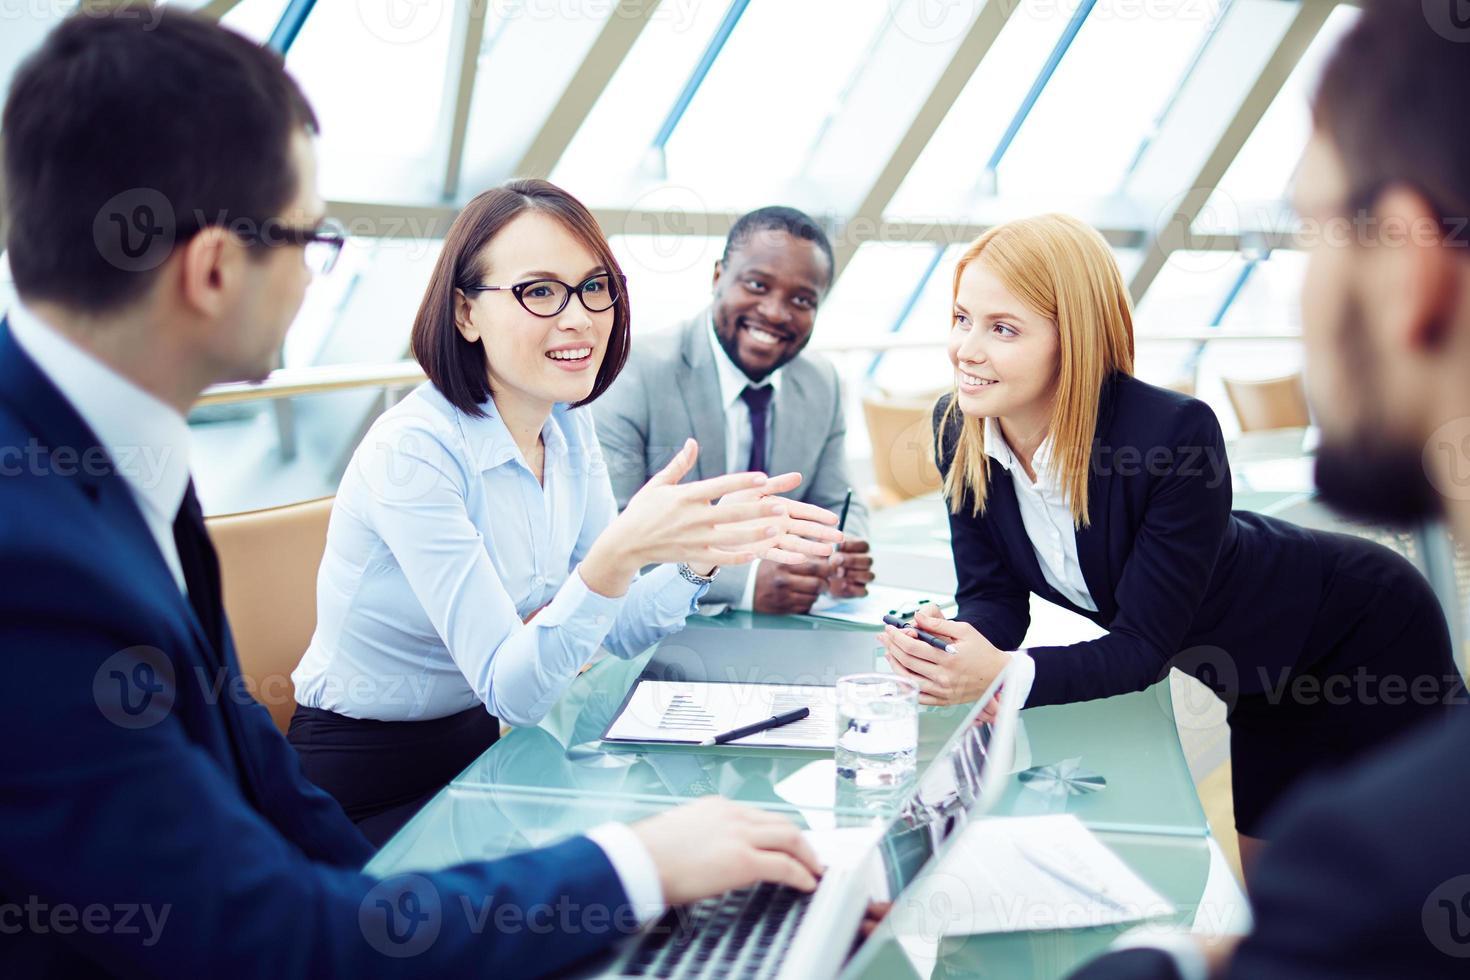 drie mannen en twee vrouwen in zakelijke kleding hebben een vergadering foto